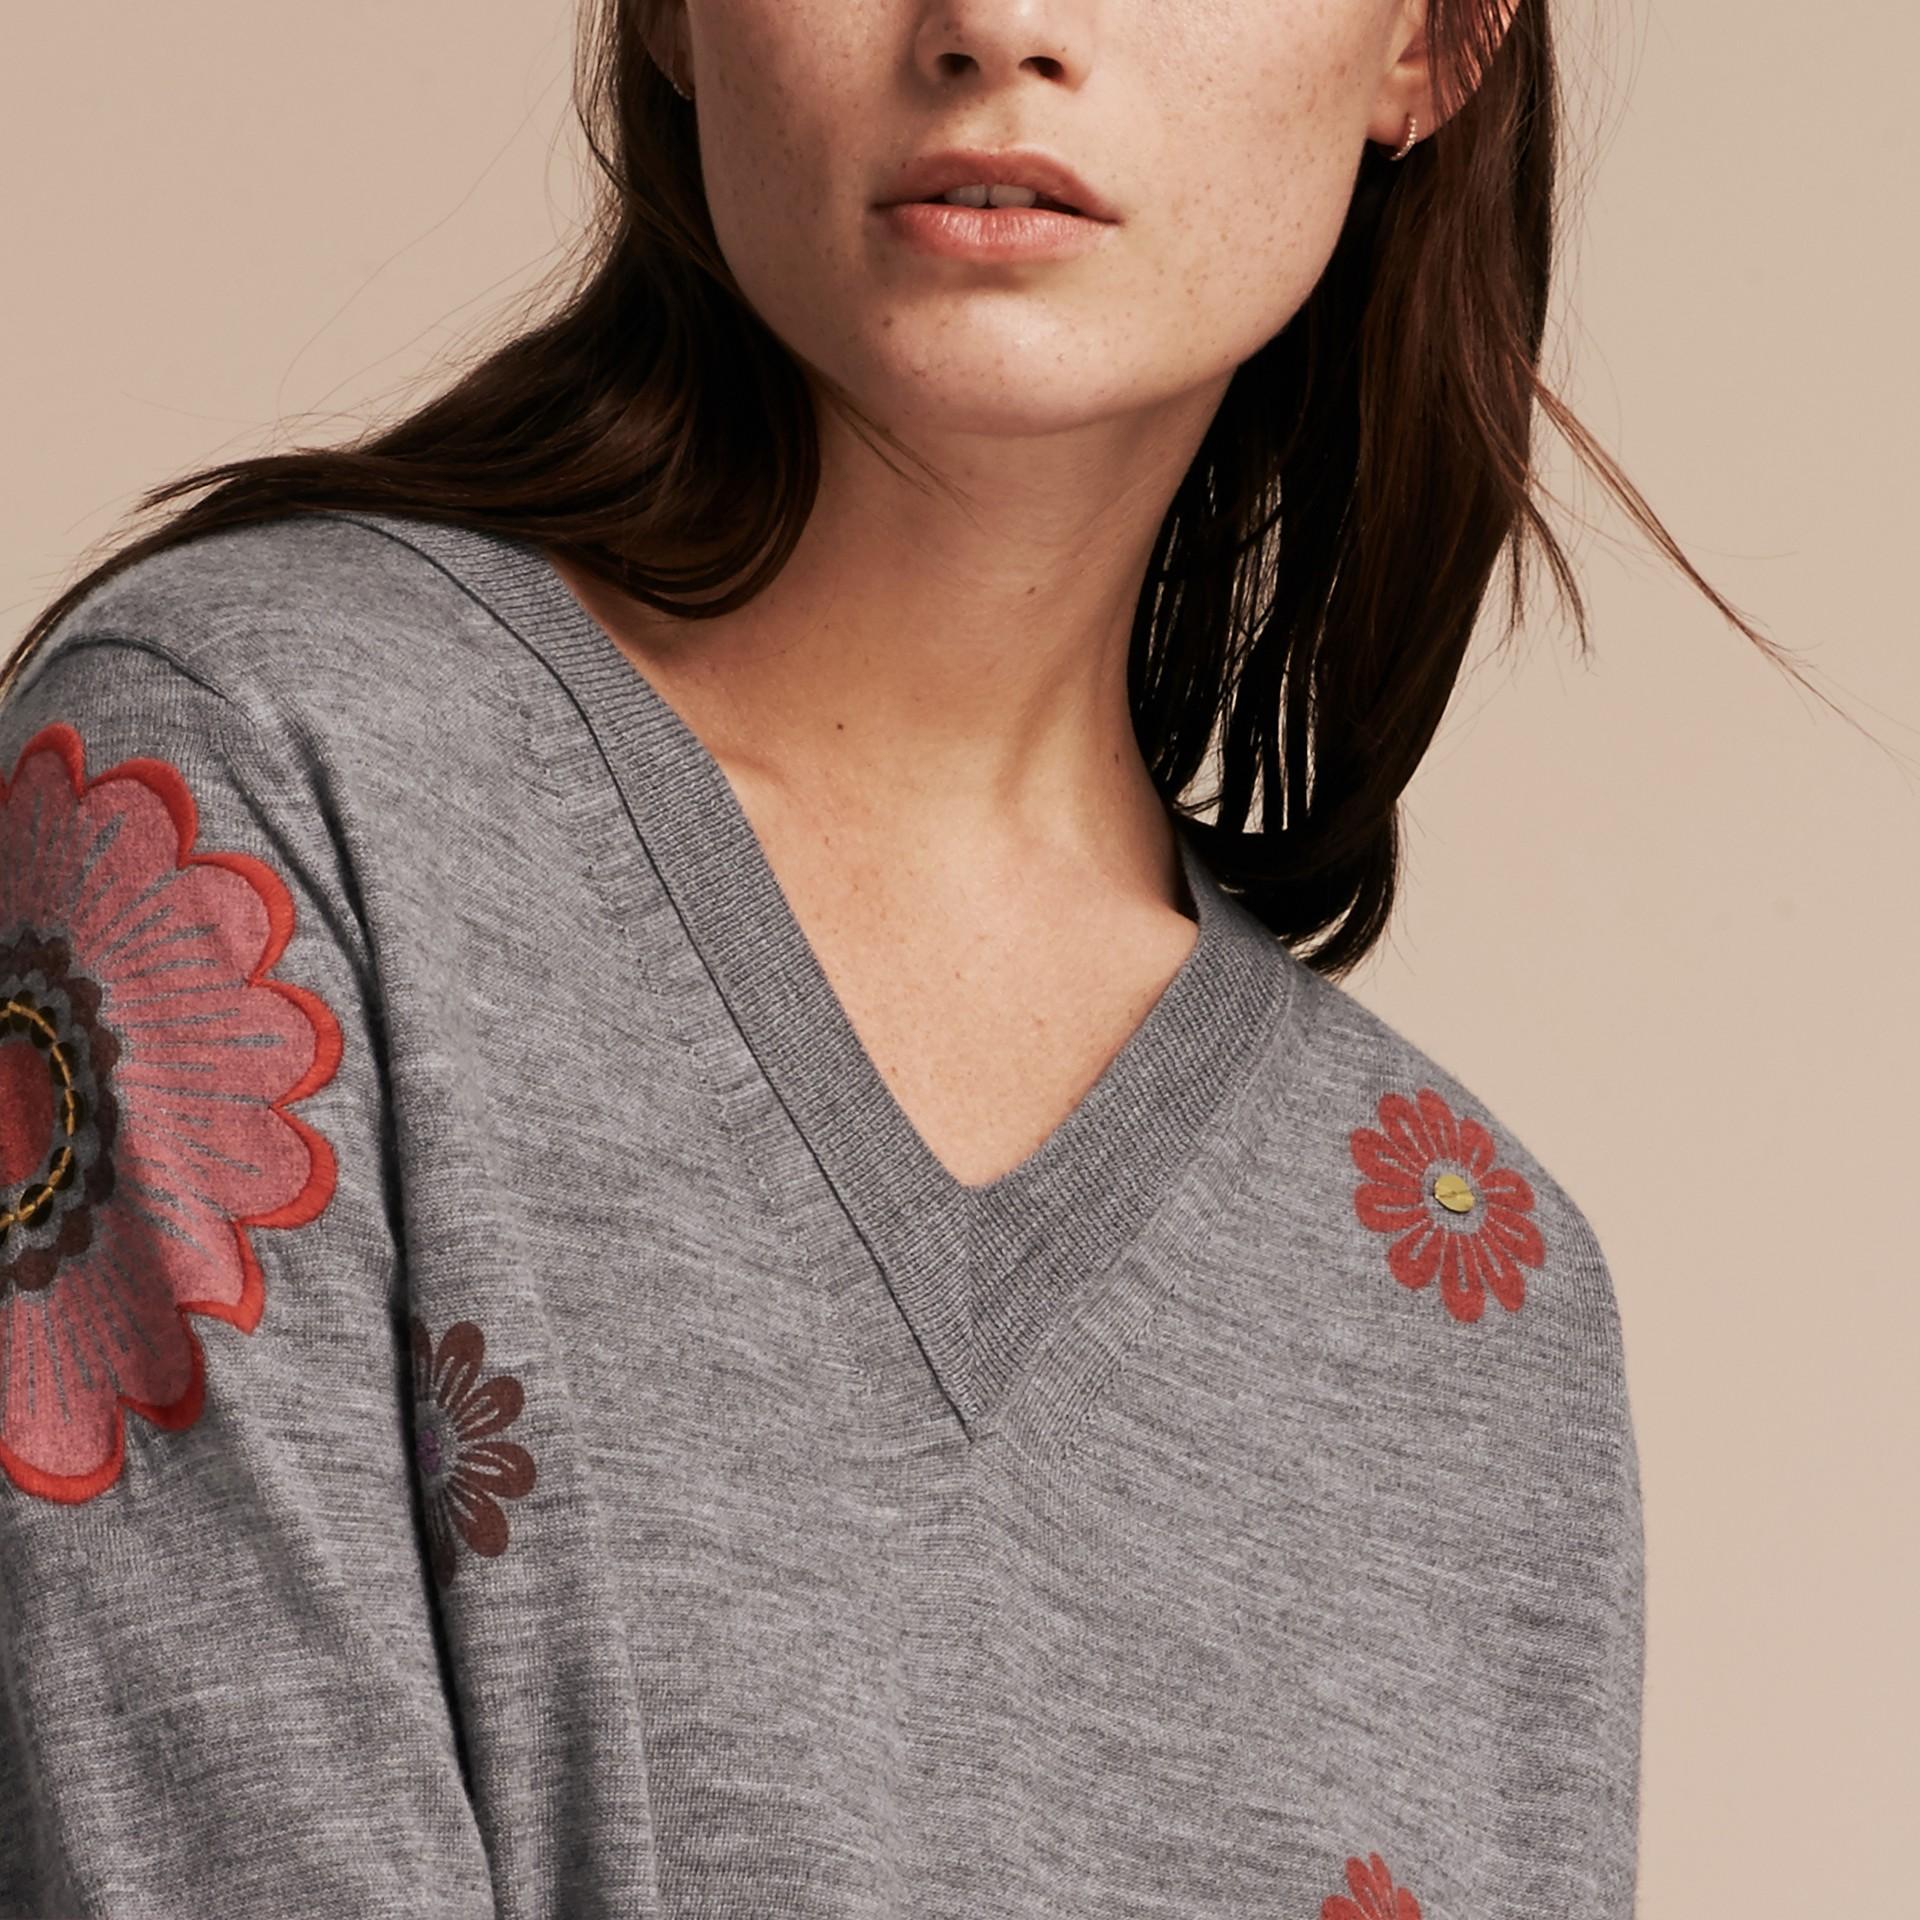 Grigio medio mélange Pullover in lana Merino con scollo a V e decorazione floreale - immagine della galleria 5